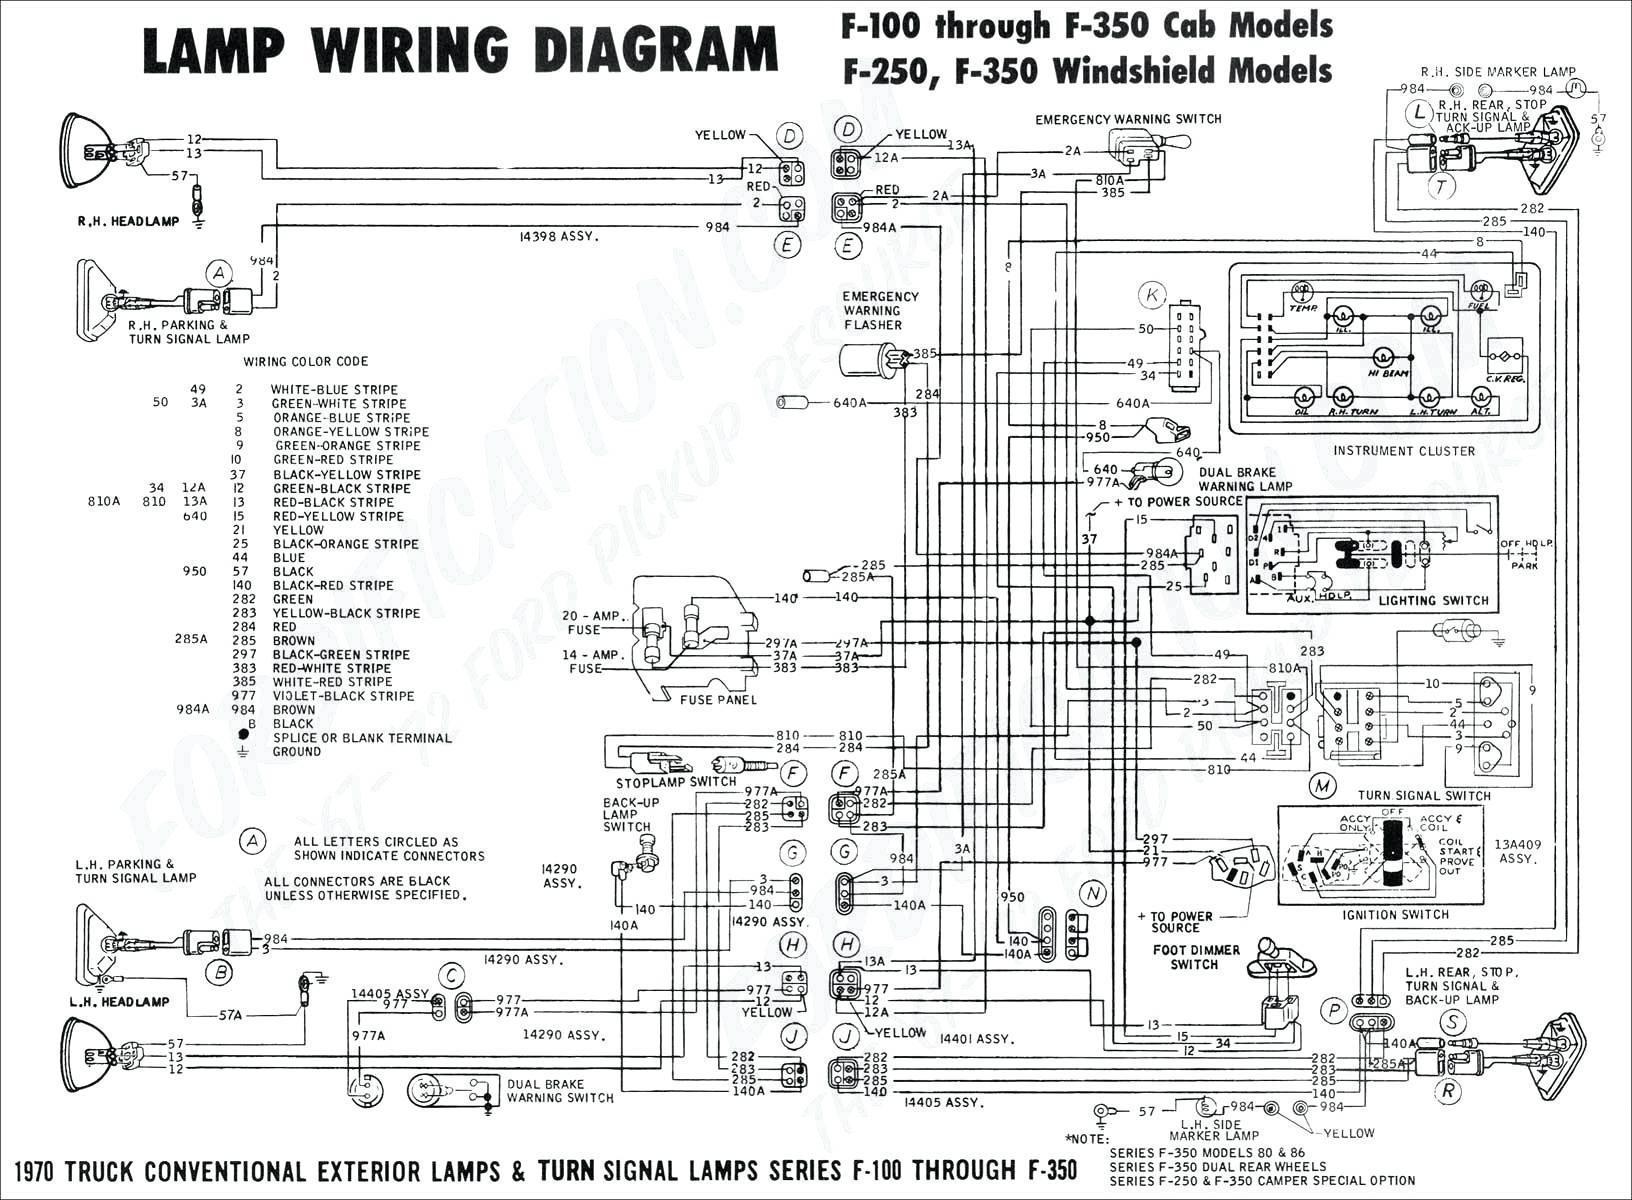 Mazda B2200 Engine Diagram - Trop.ddnss.de • on 1990 miata engine diagram, 91 mazda b2600i wiring-diagram, 91 mazda b2600 engine diagrams, 91 mazda b2200 parts, 97 acura integra ls engine diagram, b2300 engine diagram, hot air engine diagram,